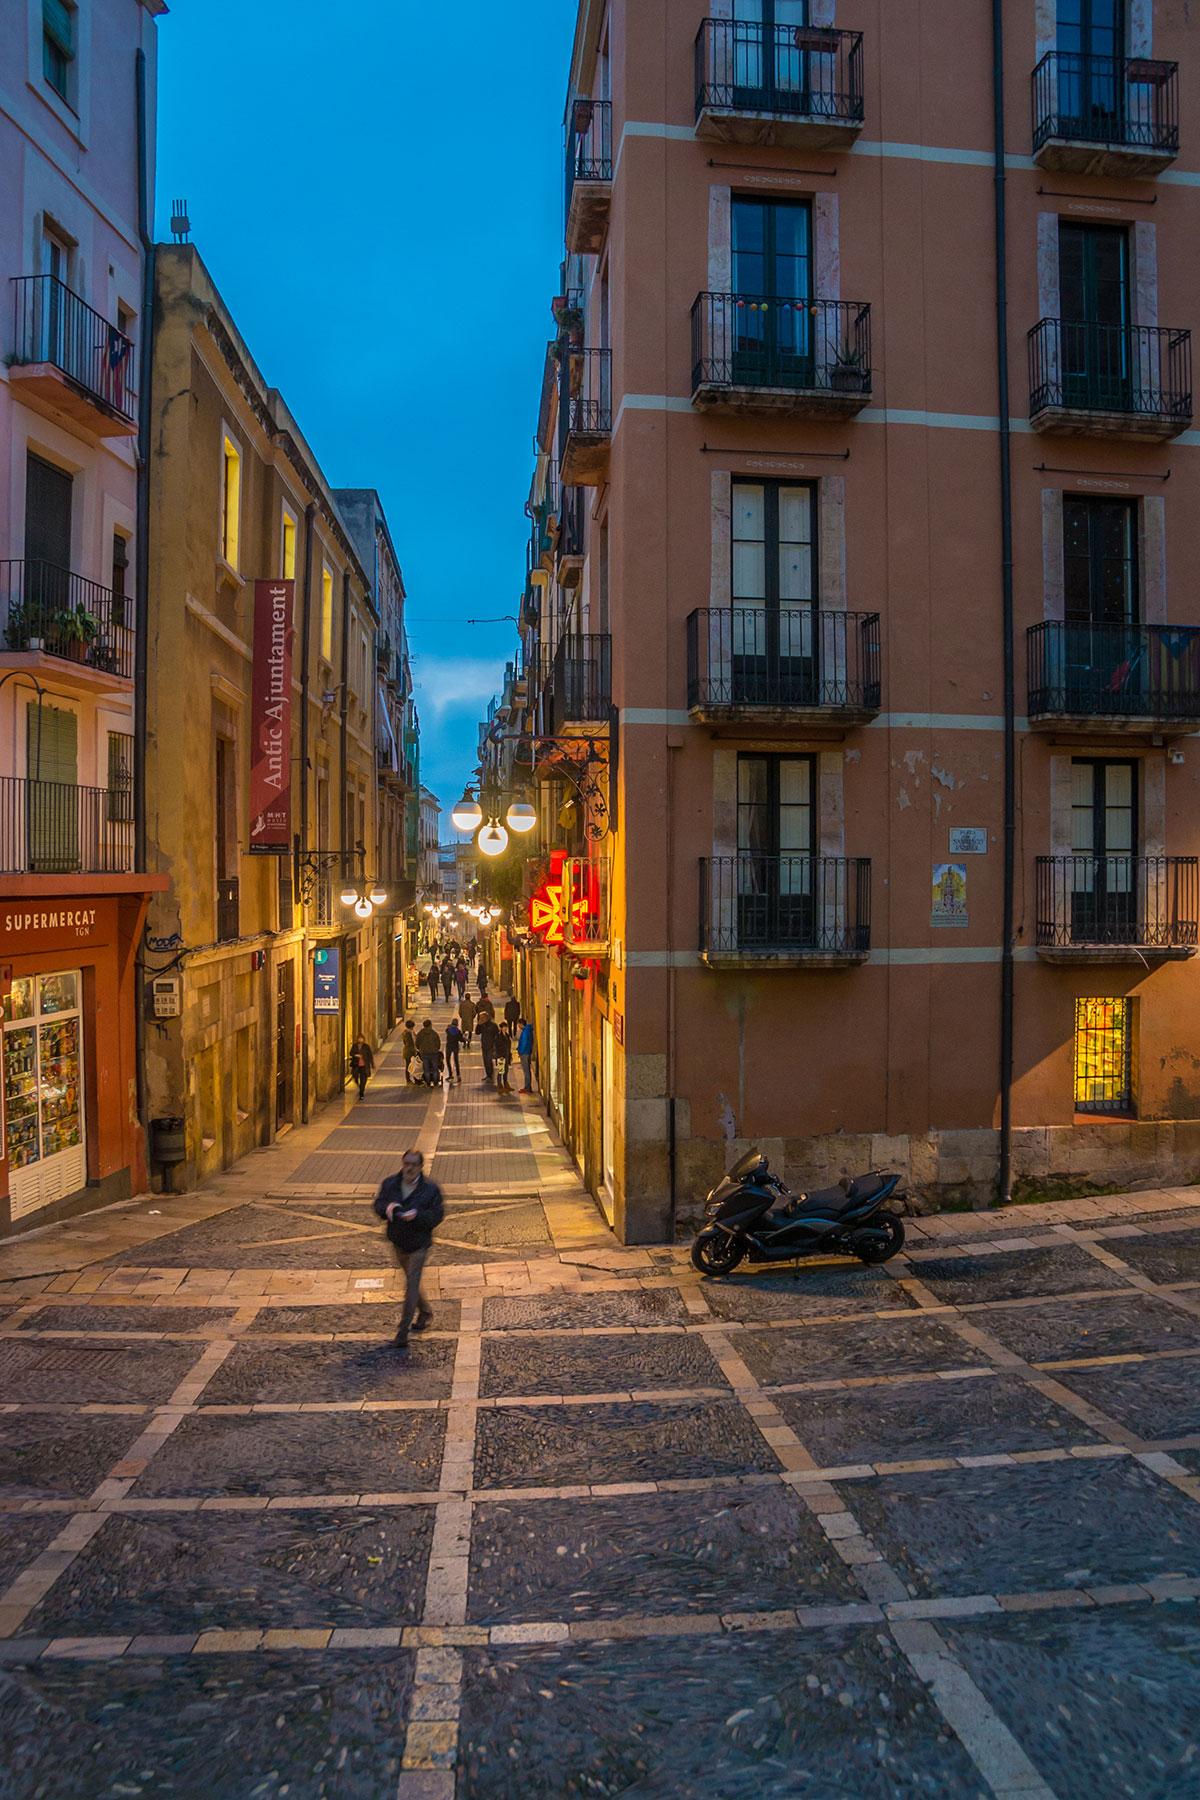 Spain, Catalonia, Tarragona, street life near the cathedral